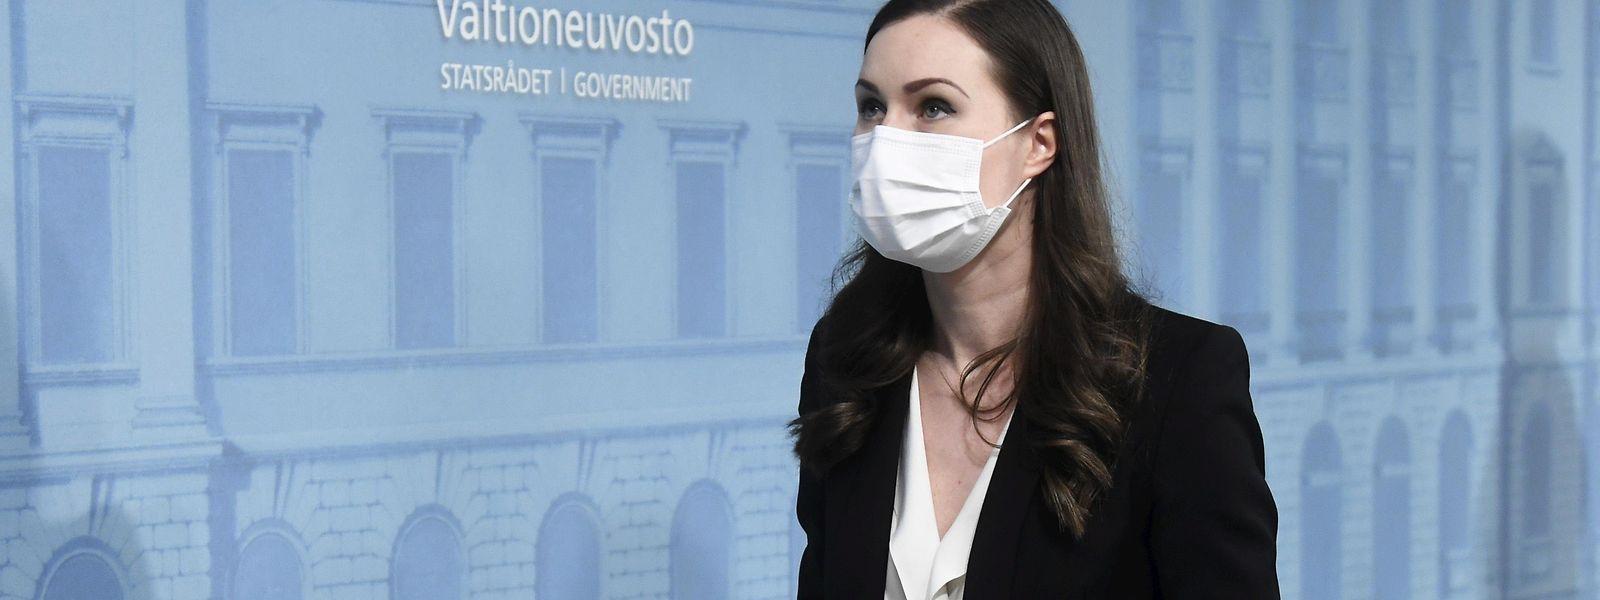 Die finnische Ministerpräsidentin Sanna Marin hat Anfang März den Ausnahmezustand durchgesetzt, um strengere Corona-Maßnahmen einführen zu können.